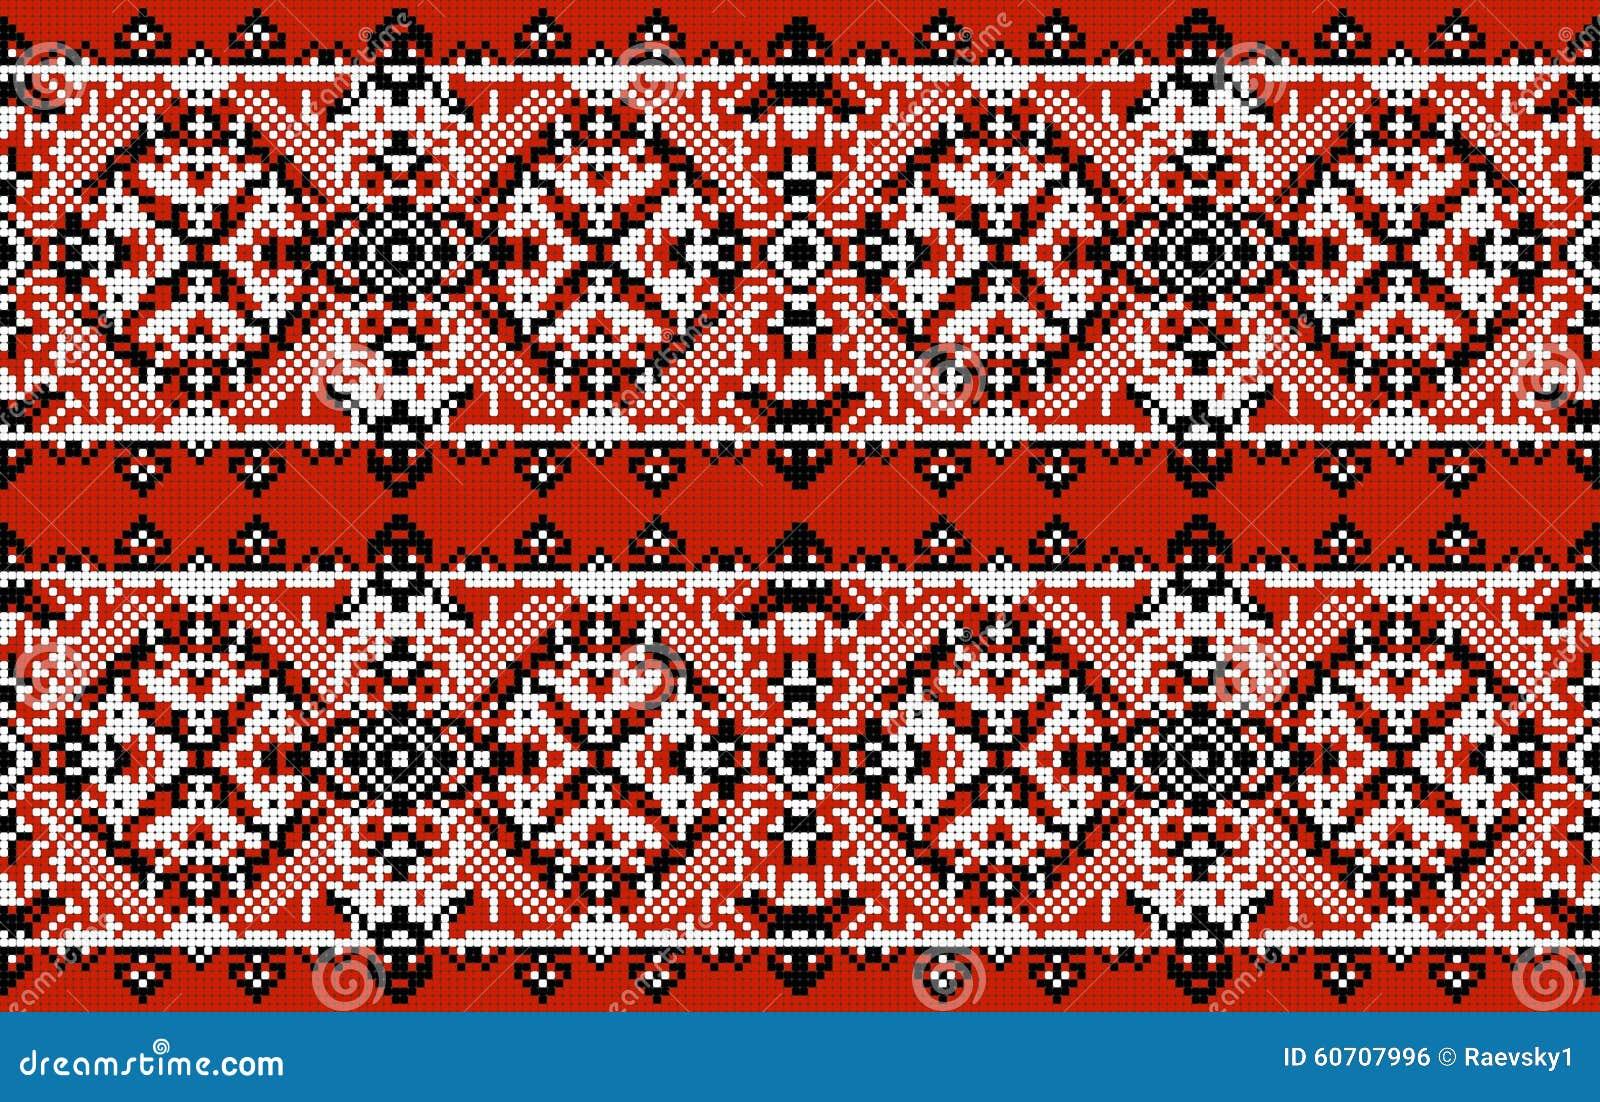 Sztuki ceramiczny ludowy ornamentu garncarstwa ukrainian Tradycyjnego obywatela upiększony bezszwowy wzór struktura abstrakcyjna